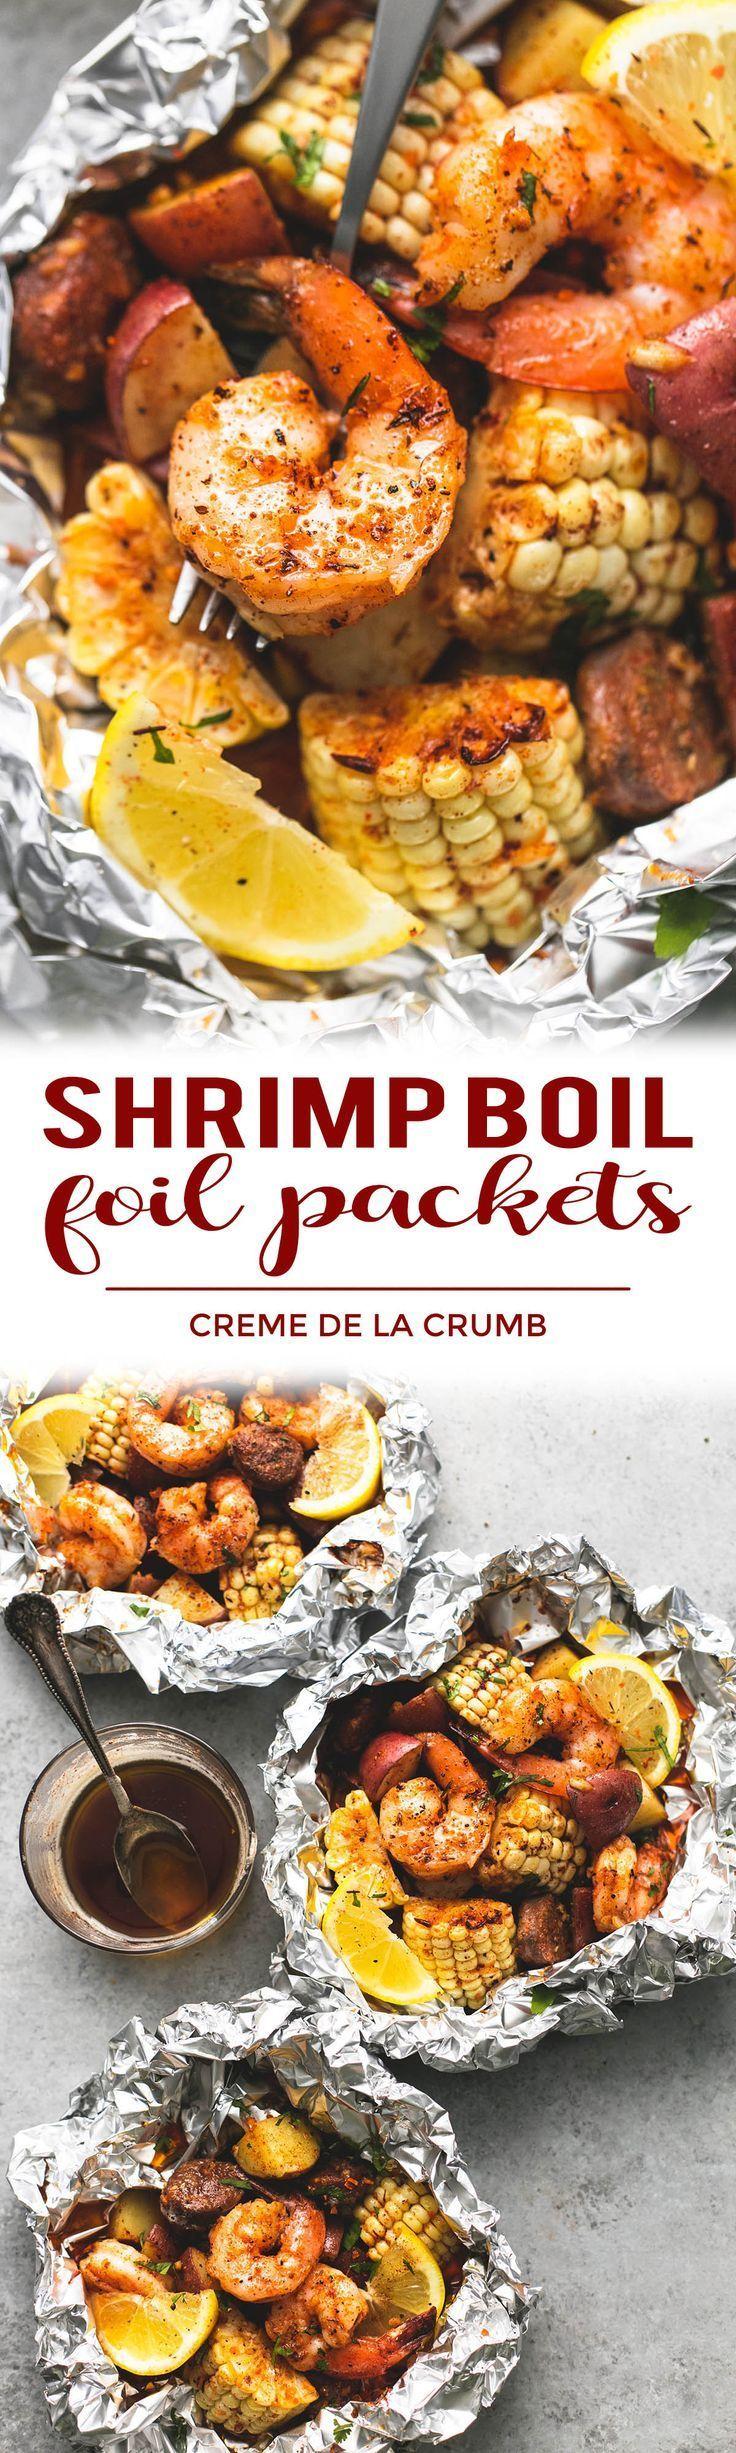 Easy, Tasty Shrimp Boil Foil Packs Baked Or Grilled With Summer Veggies,  Homemade Seasoning